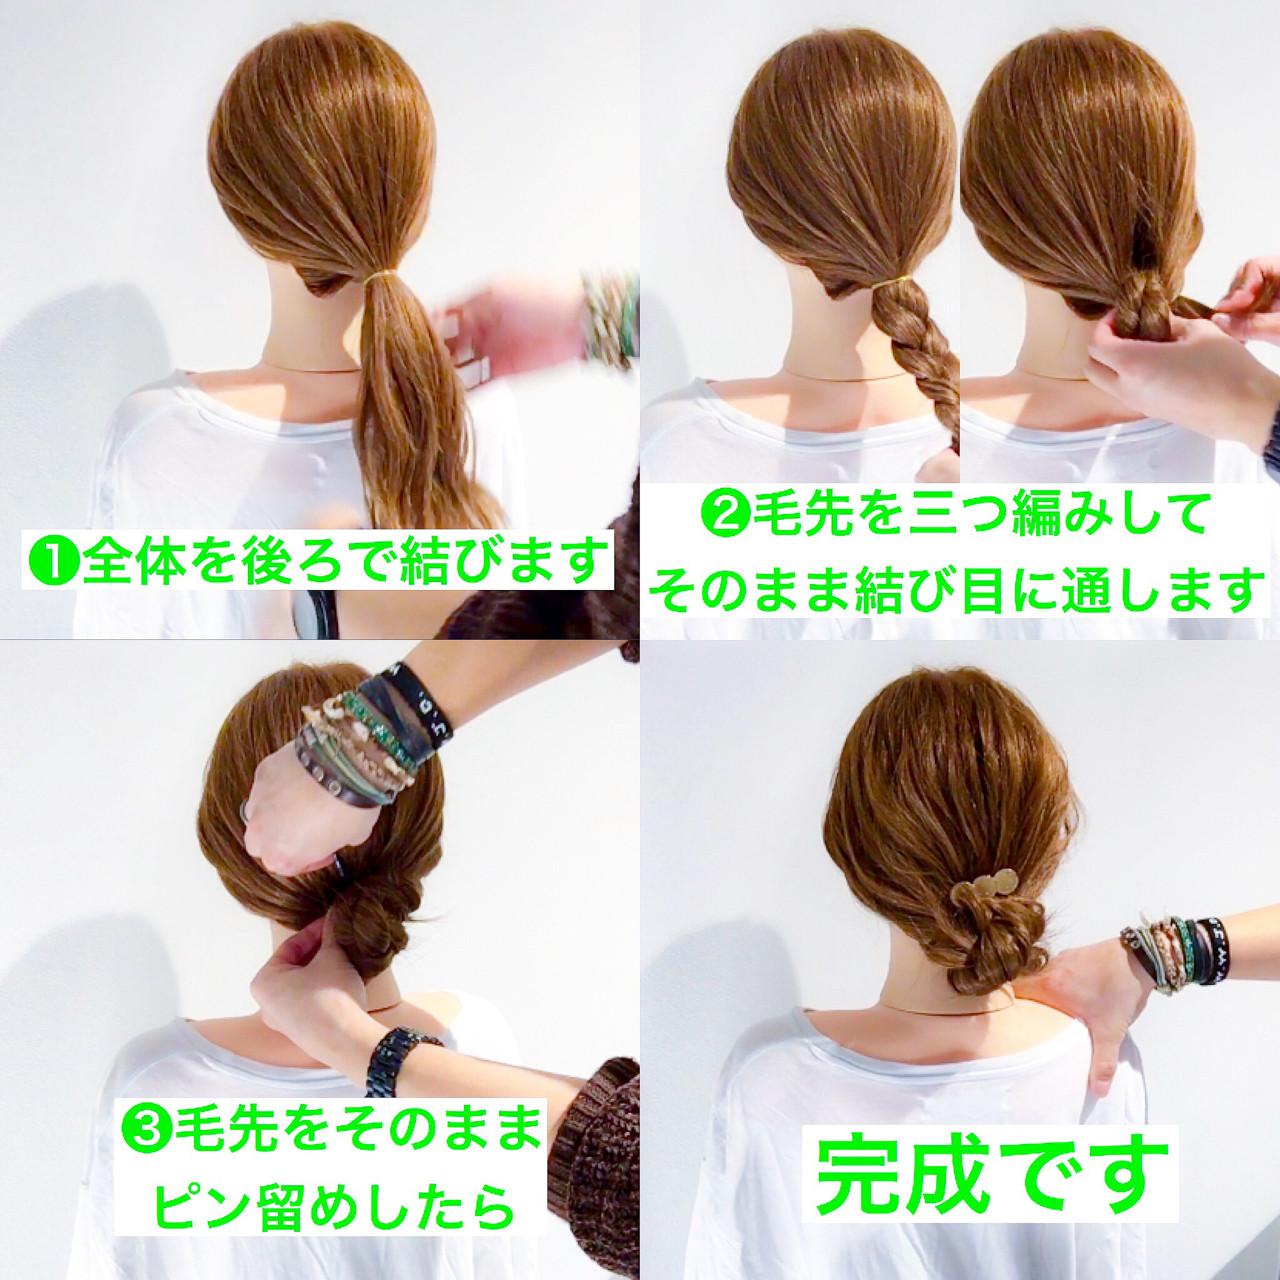 フェミニン 簡単ヘアアレンジ ヘアアレンジ オフィス ヘアスタイルや髪型の写真・画像 | 美容師HIRO/Amoute代表 / Amoute/アムティ